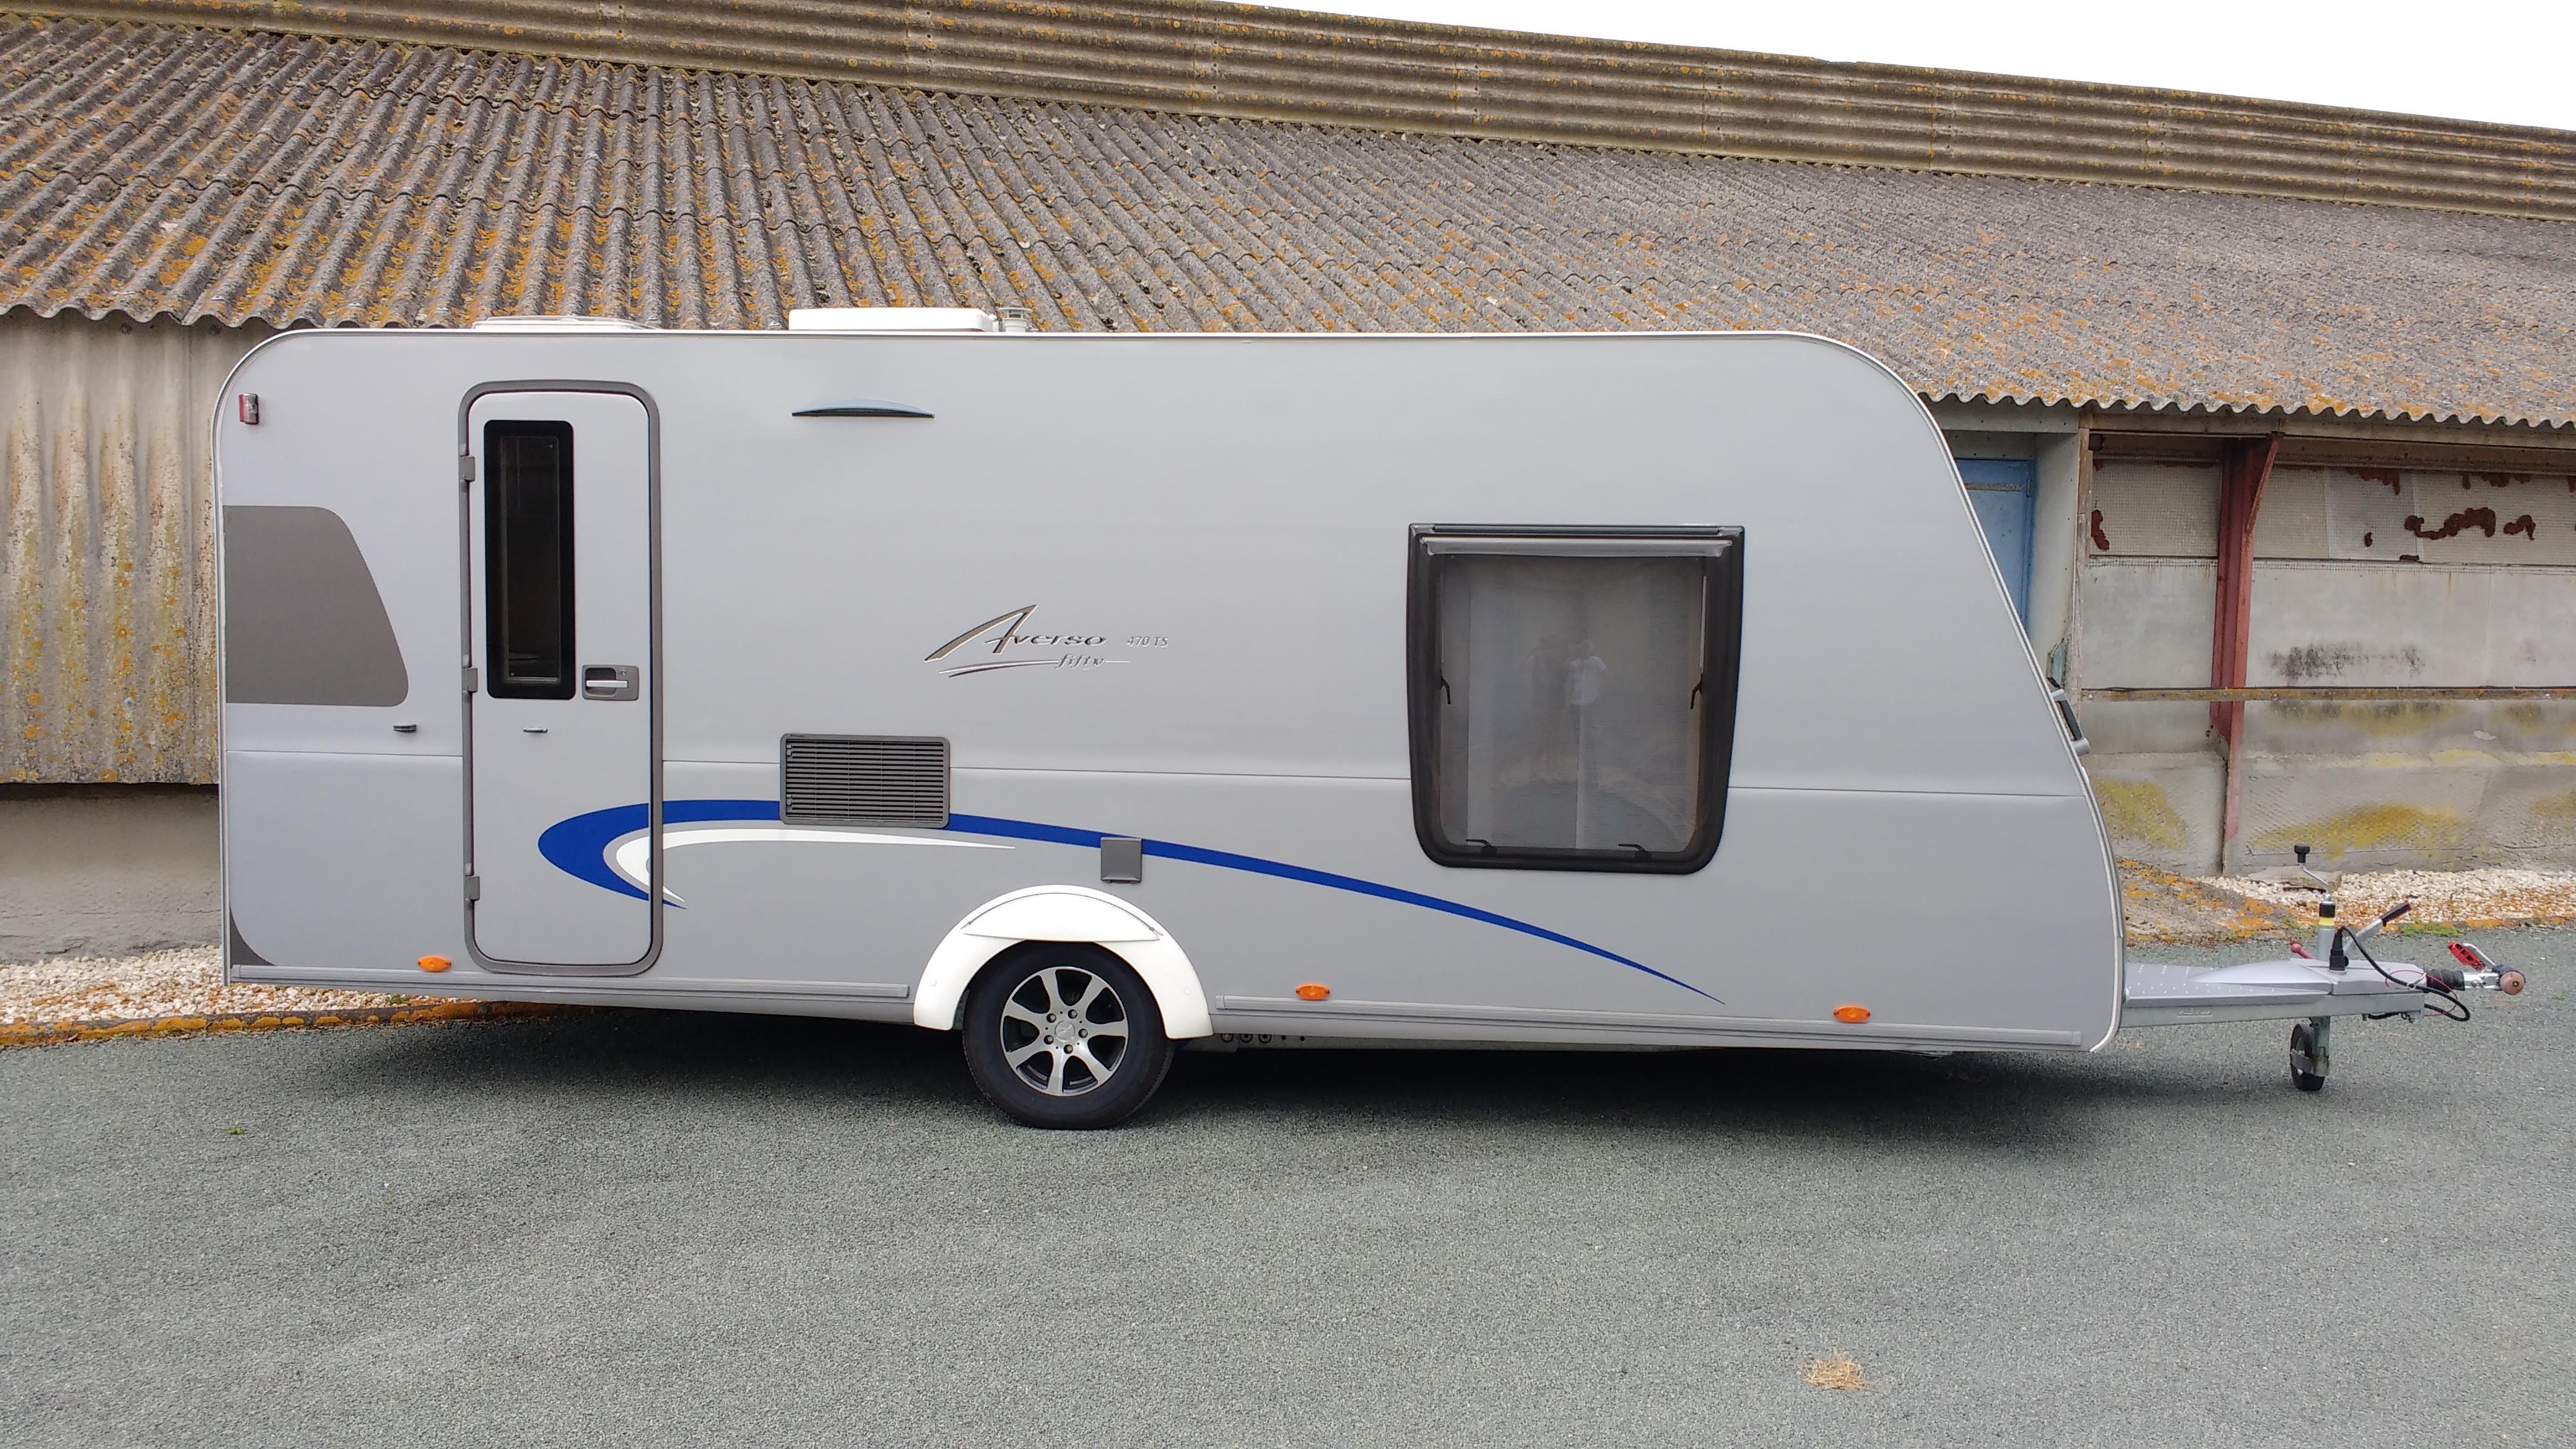 Caravane occasion pays de la loire annonces de caravane for Chassis fenetre occasion